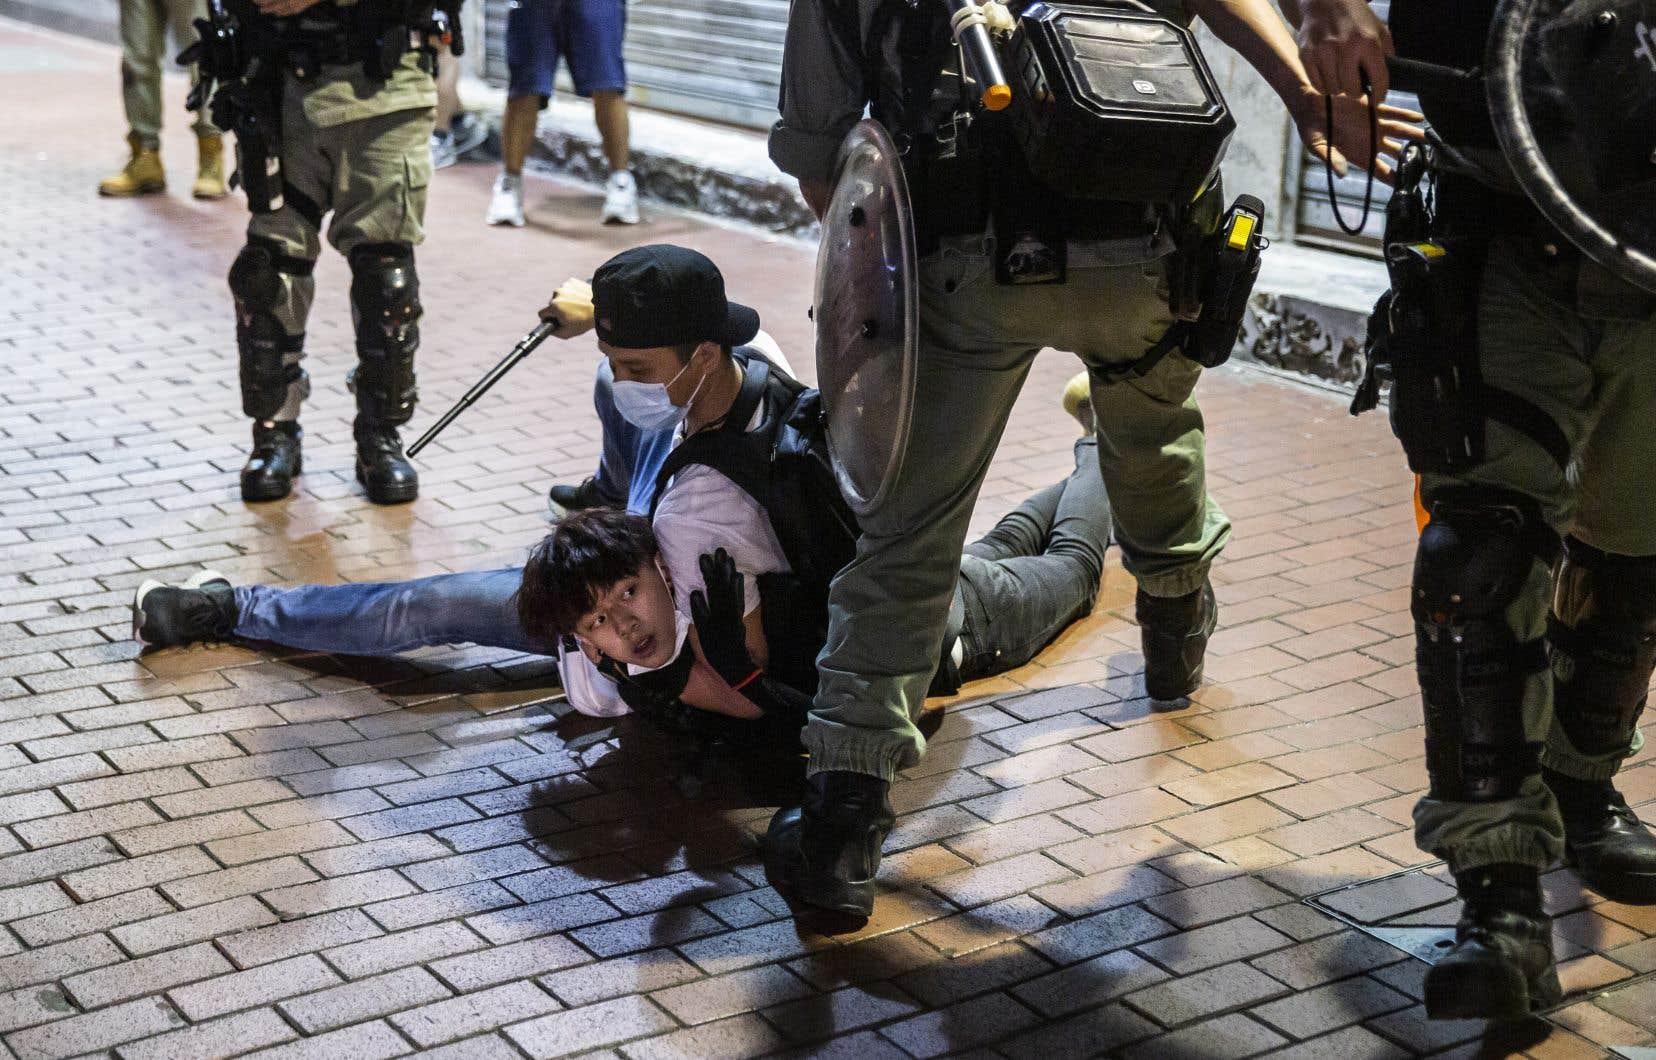 Des affrontements ont eu lieu dimanche soir dans les rues, la police faisant usage de matraques et de gaz au poivre.